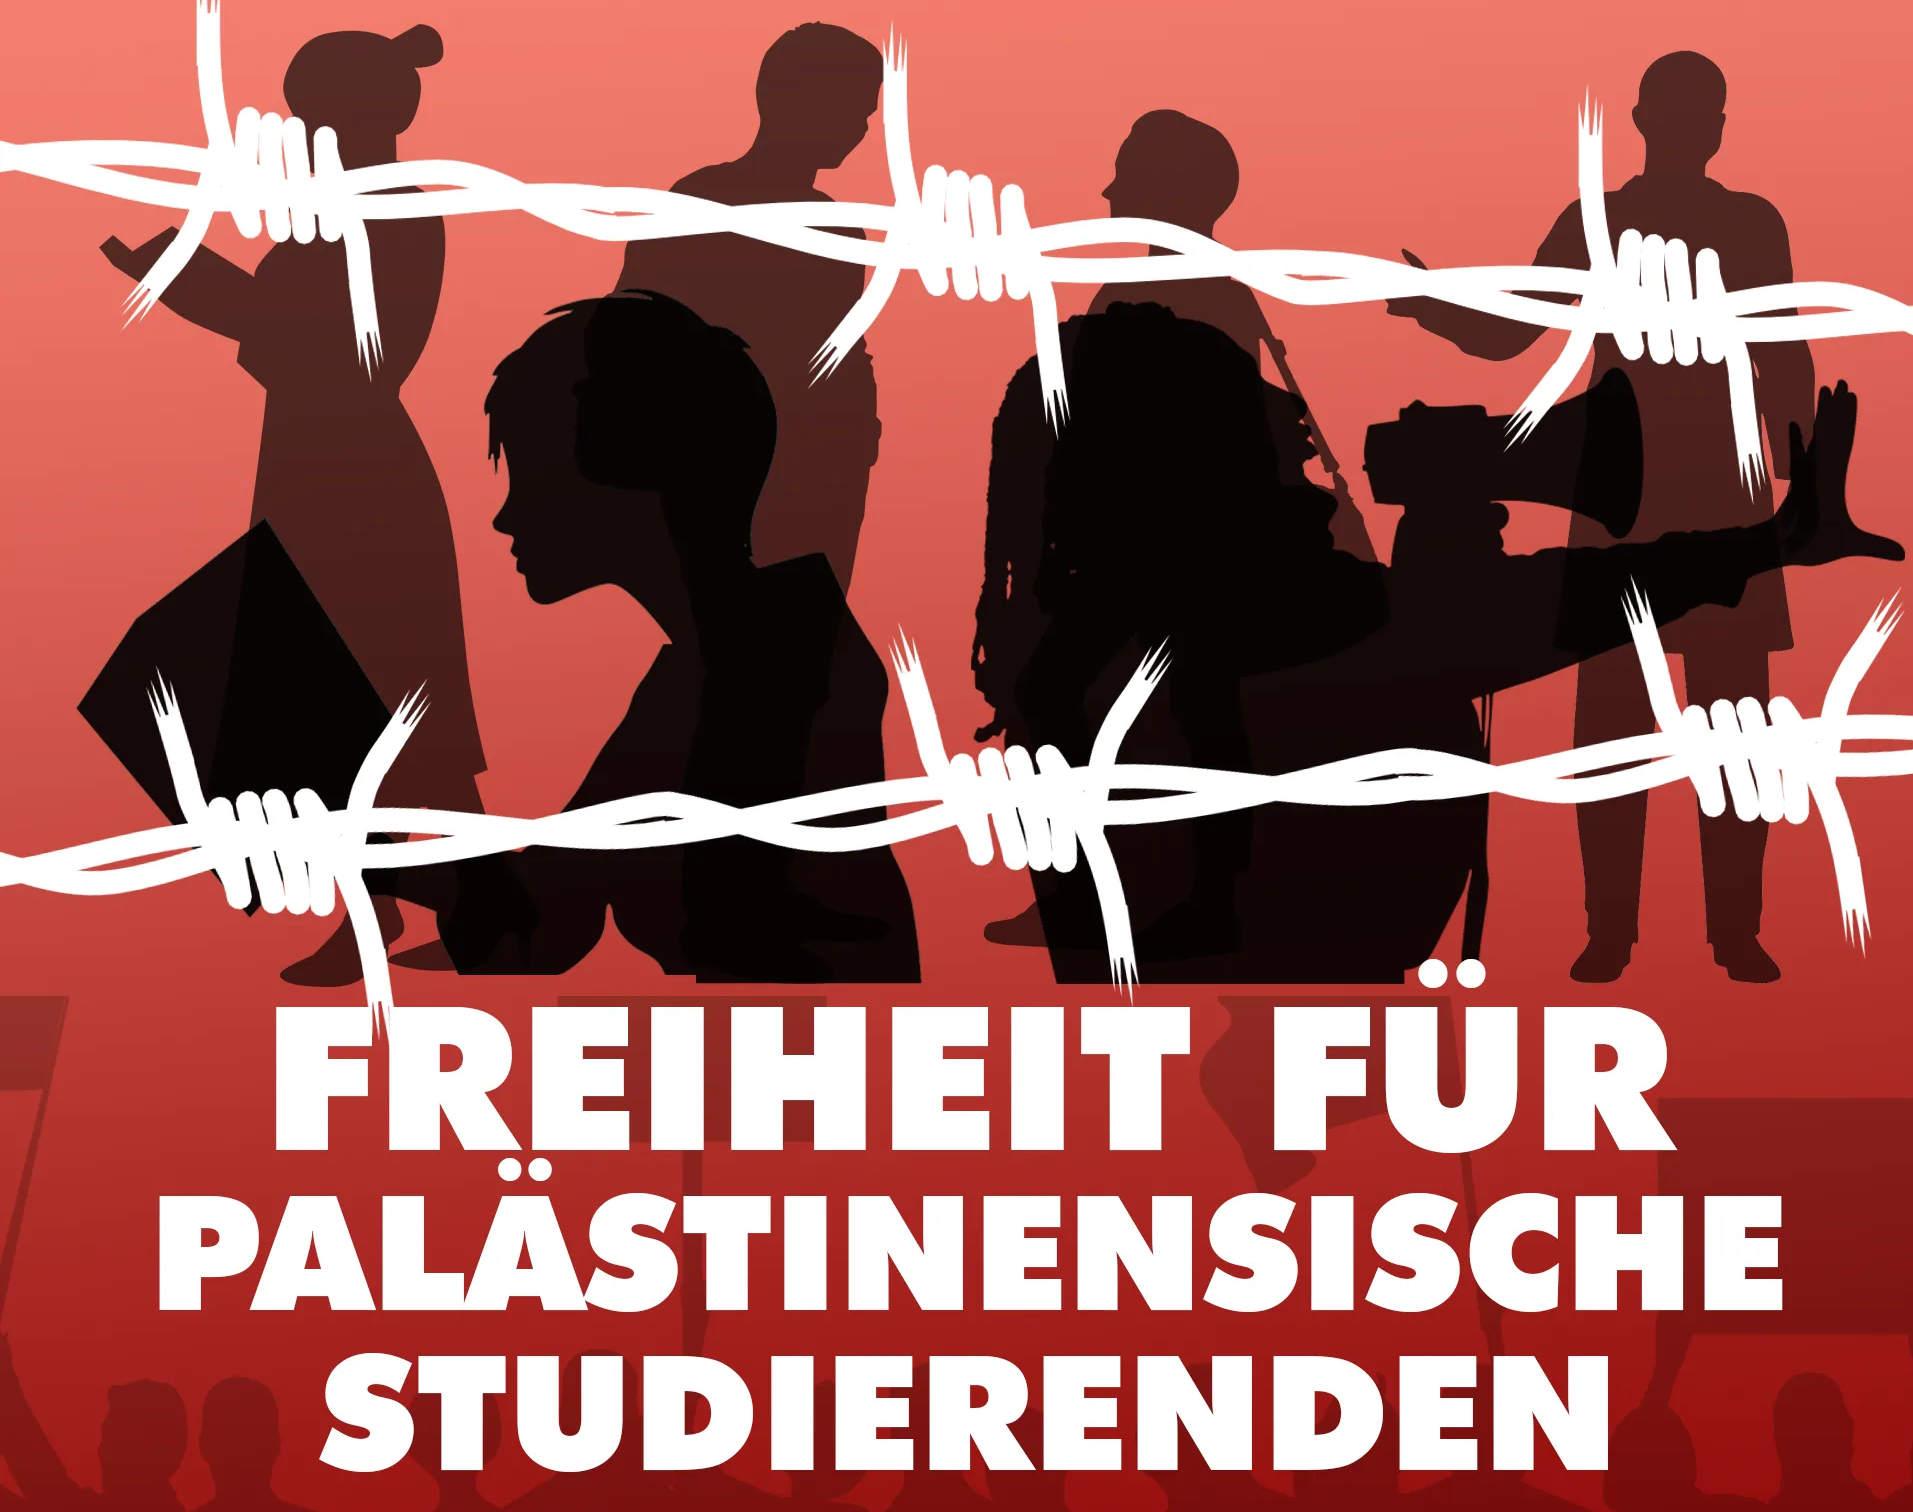 Freiheit für palästinensische Studierende